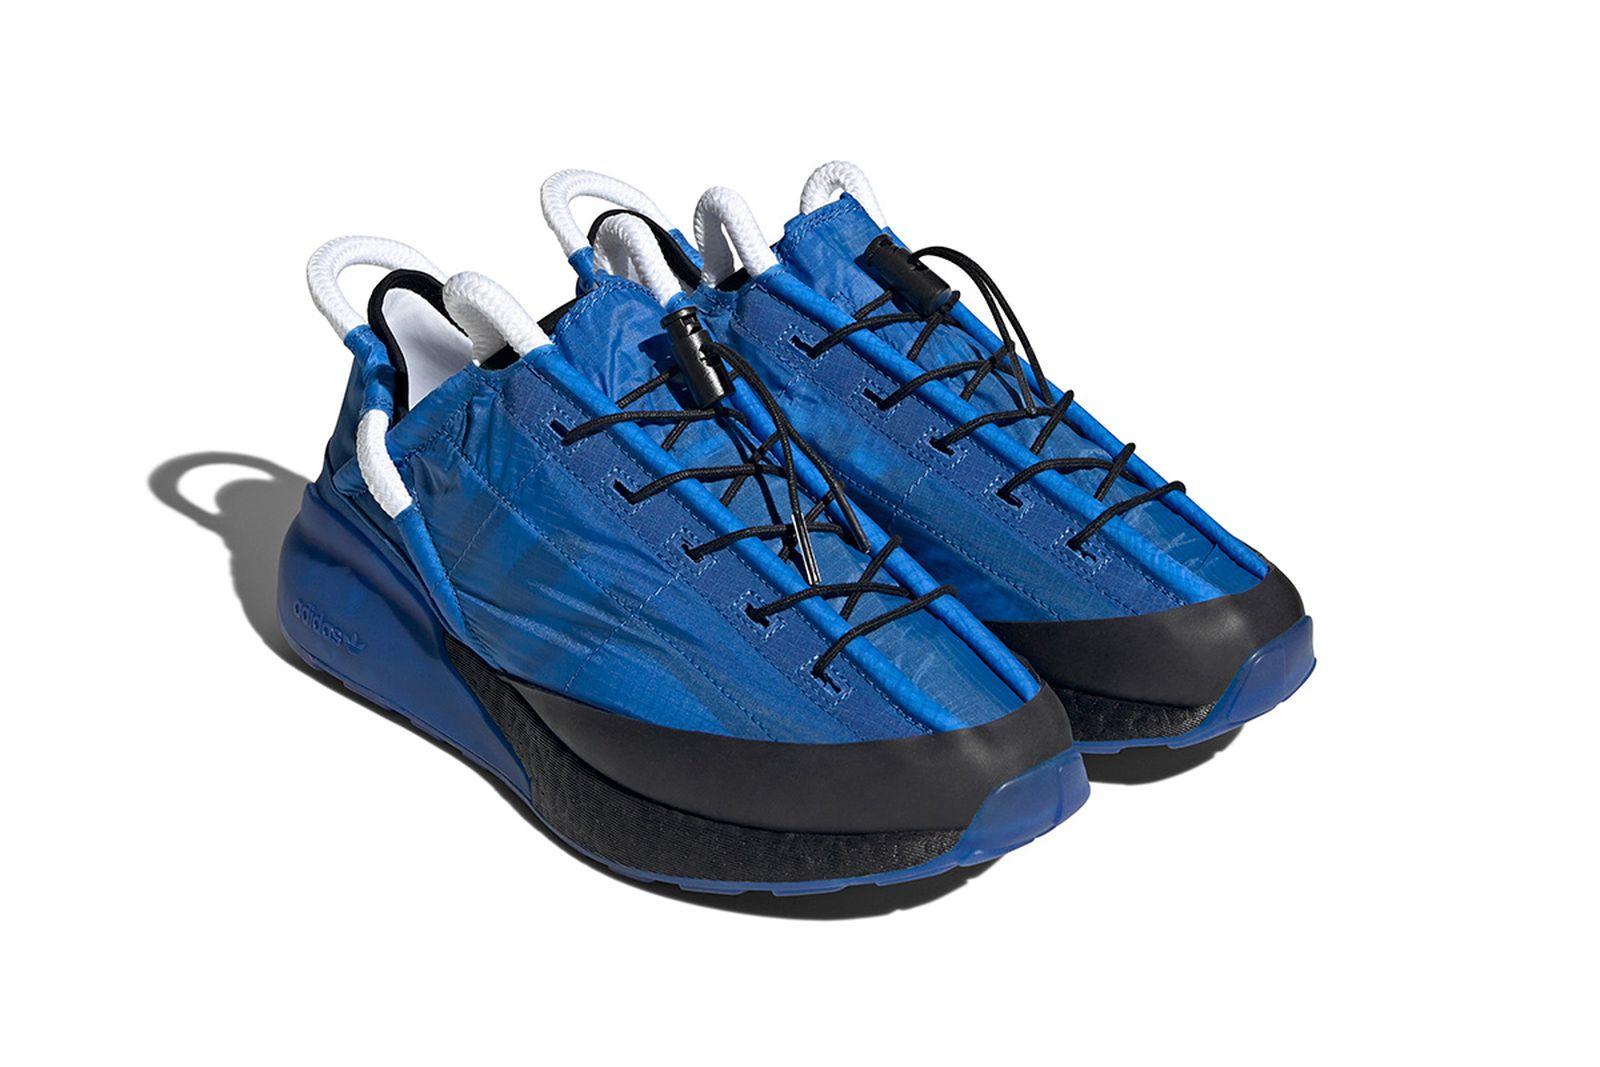 craig-green-adidas-zx-2k-phormar-release-date-price-06